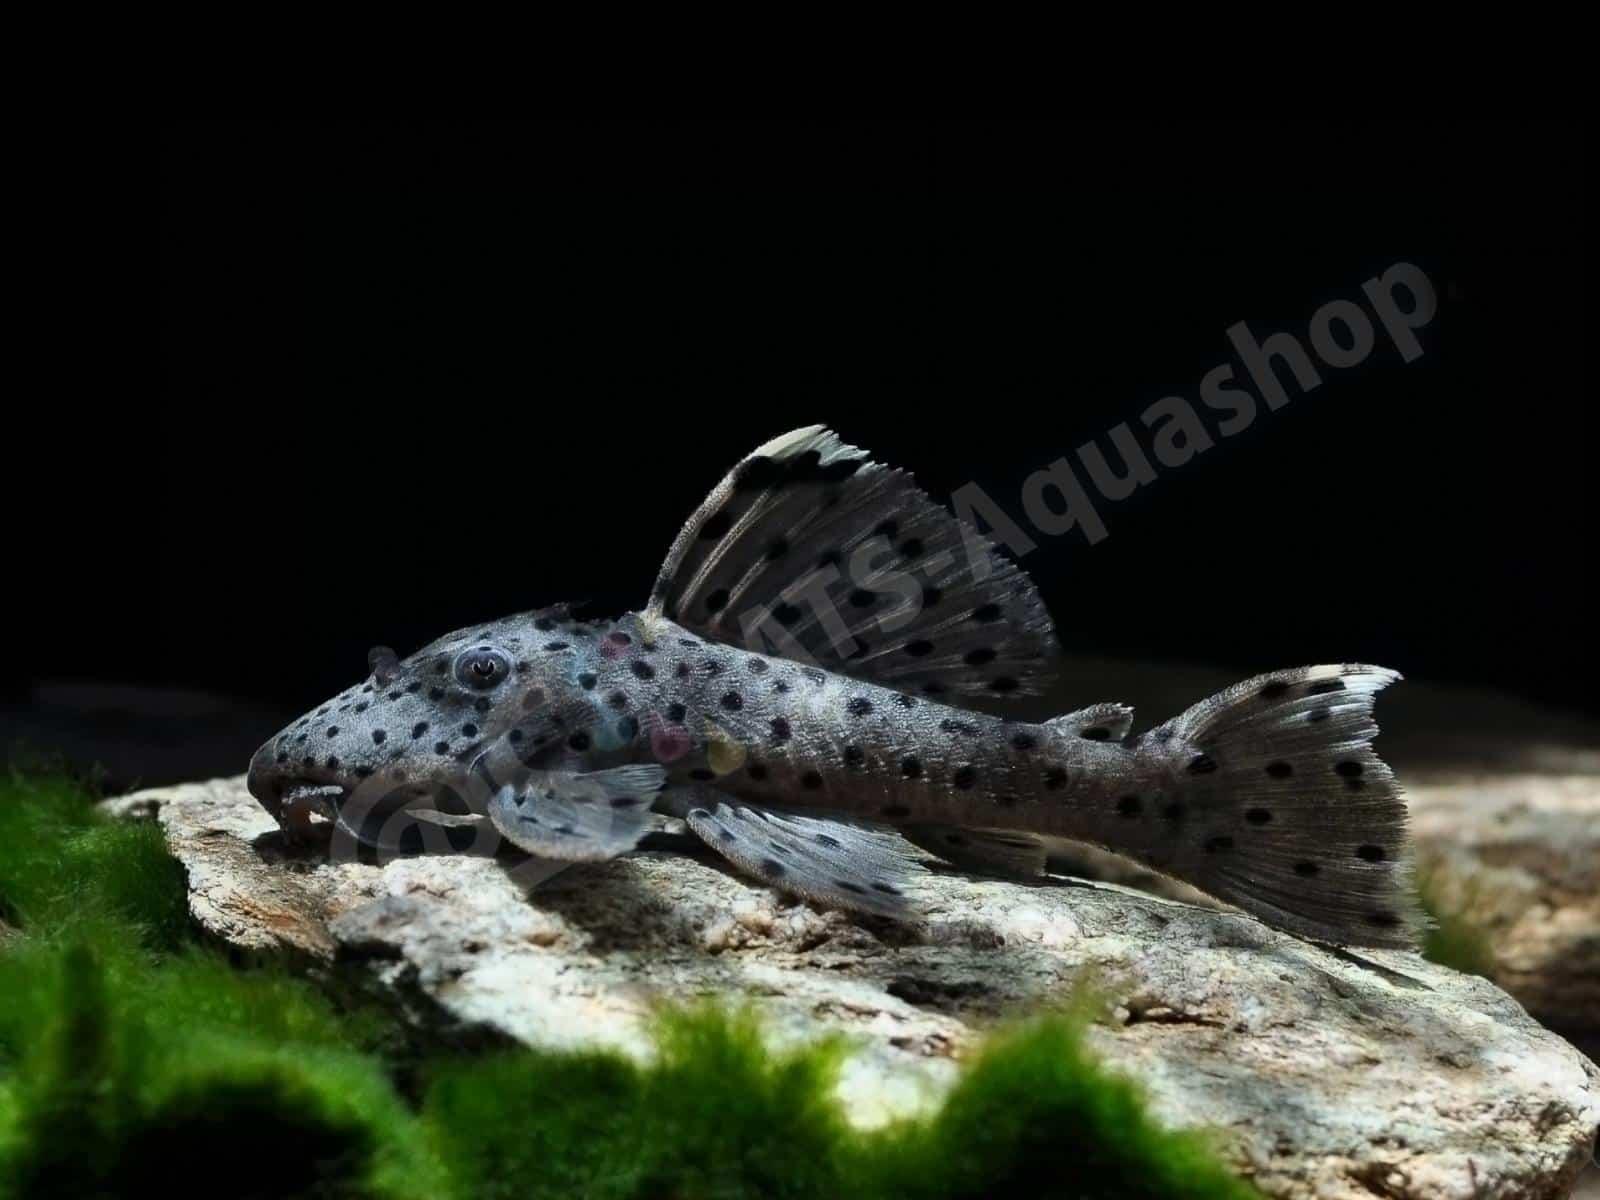 leporacanthicus joselimai l 264 enrico richter 0085 6